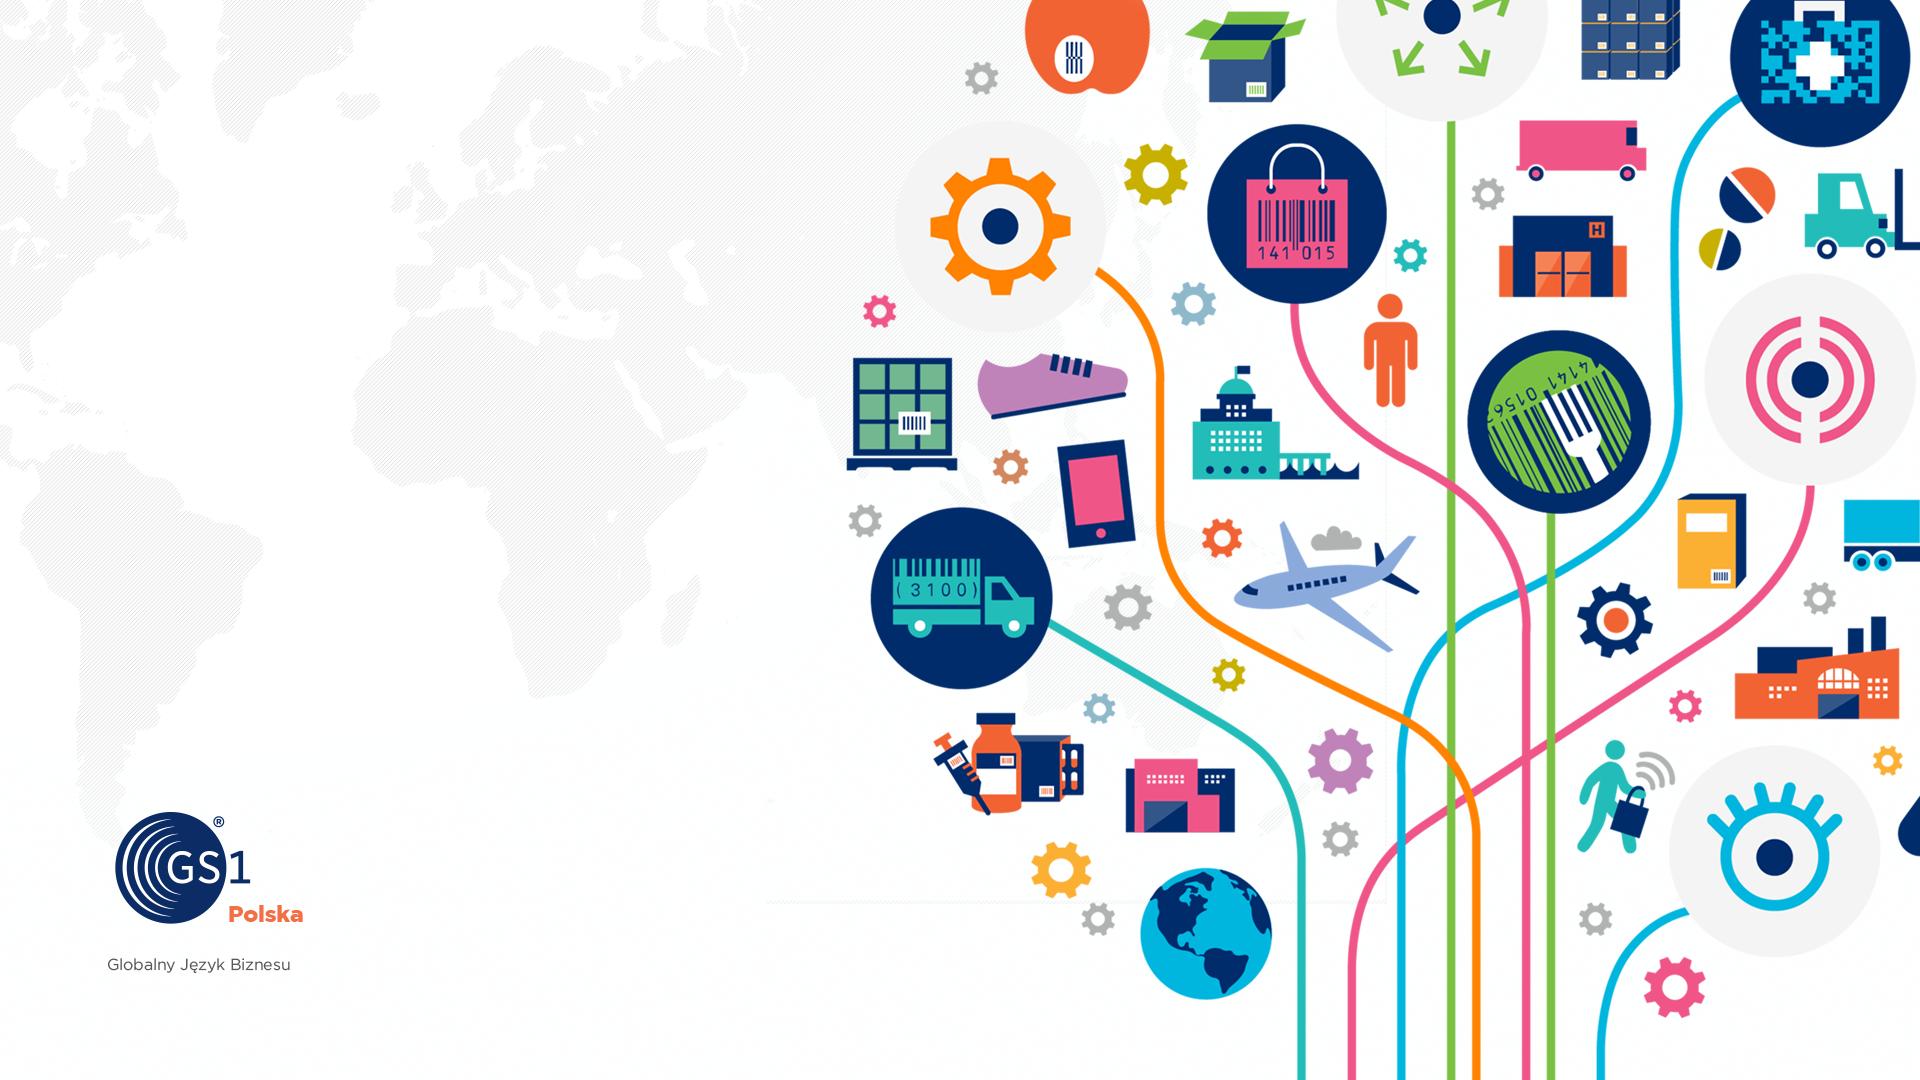 Digitalizacja łańcucha dostaw: dlaczego dwa na trzy wdrożenia kończą się niepowodzeniem i co robić, by tego uniknąć?